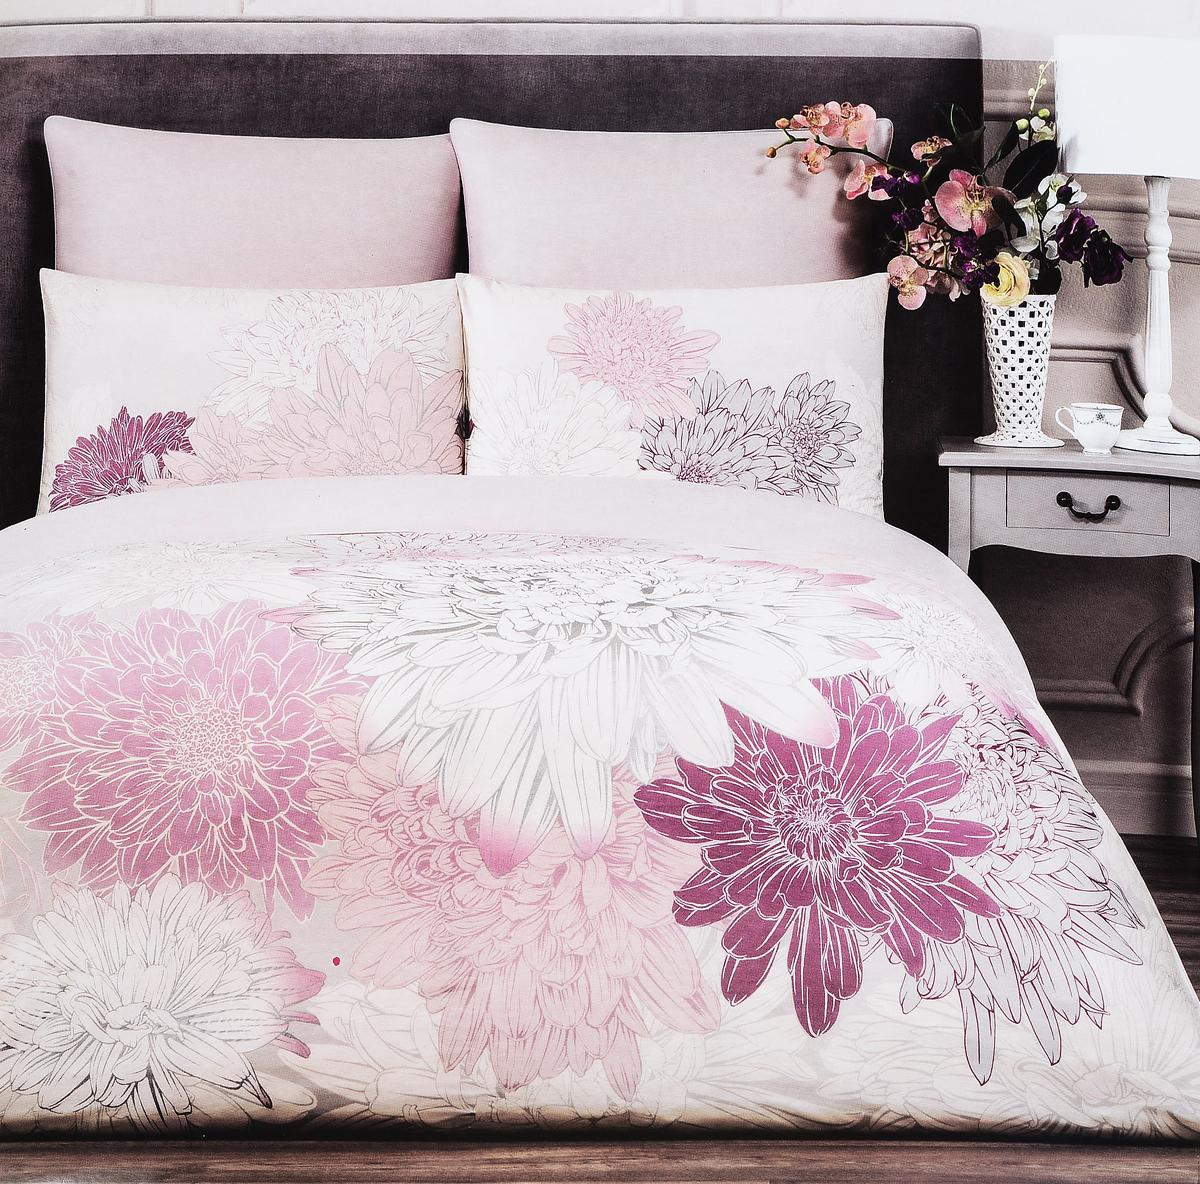 Комплект белья Togas Фудзи, 1,5-спальный, наволочки 50 x 70, цвет: светло-серый. 30.07.31.0500